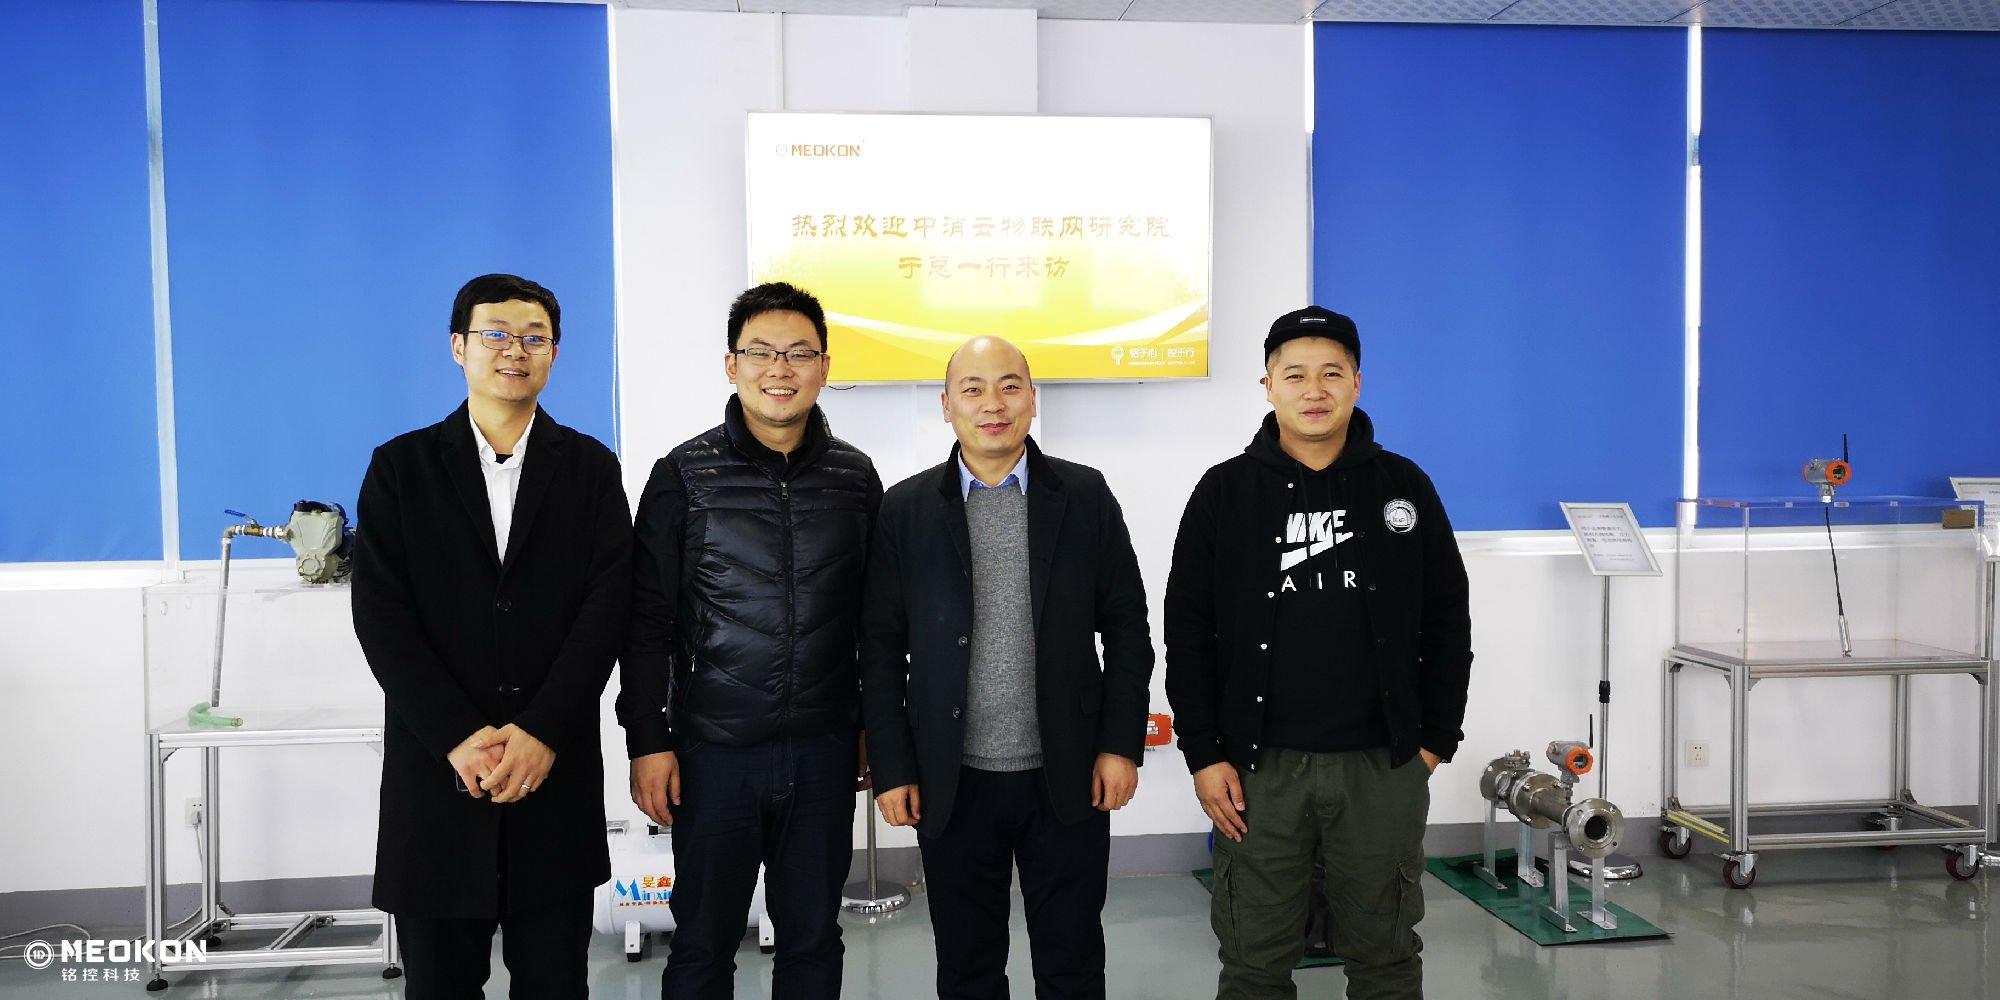 热烈欢迎中消云物联网研究院一行莅临上海铭控!